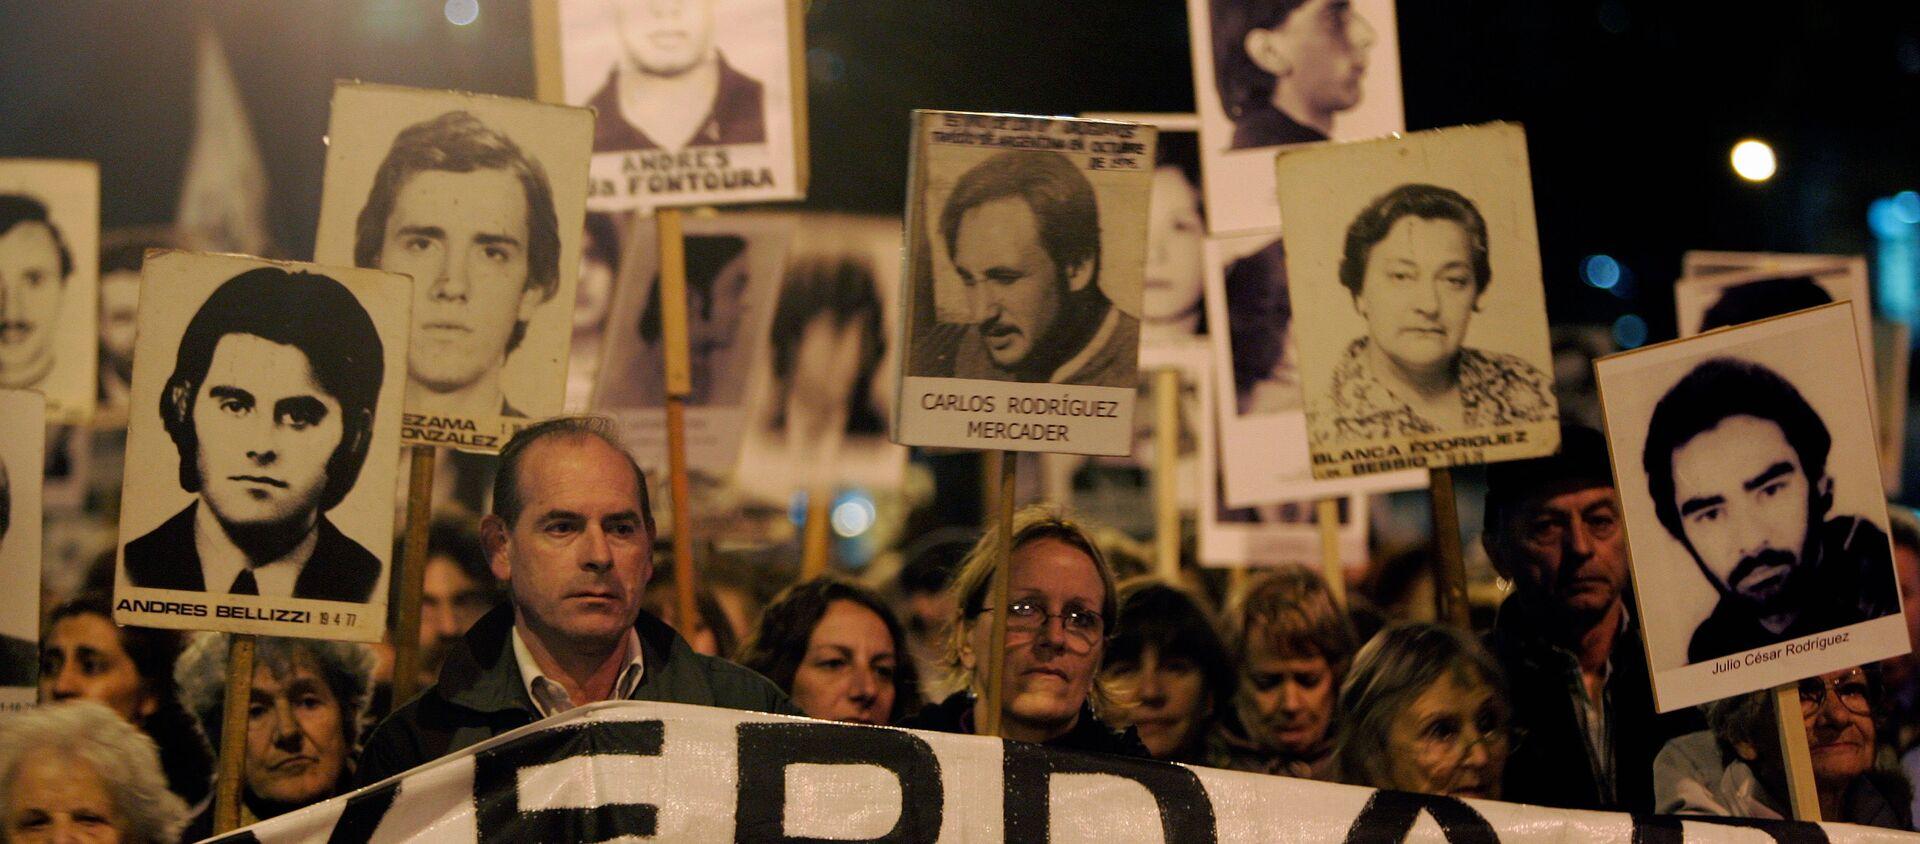 Marcha de Silencio en conmemoración de las víctimas de la dictadura de 1973-1985, 20 de mayo de 2088, Montevideo, Uruguay - Sputnik Mundo, 1920, 28.08.2020